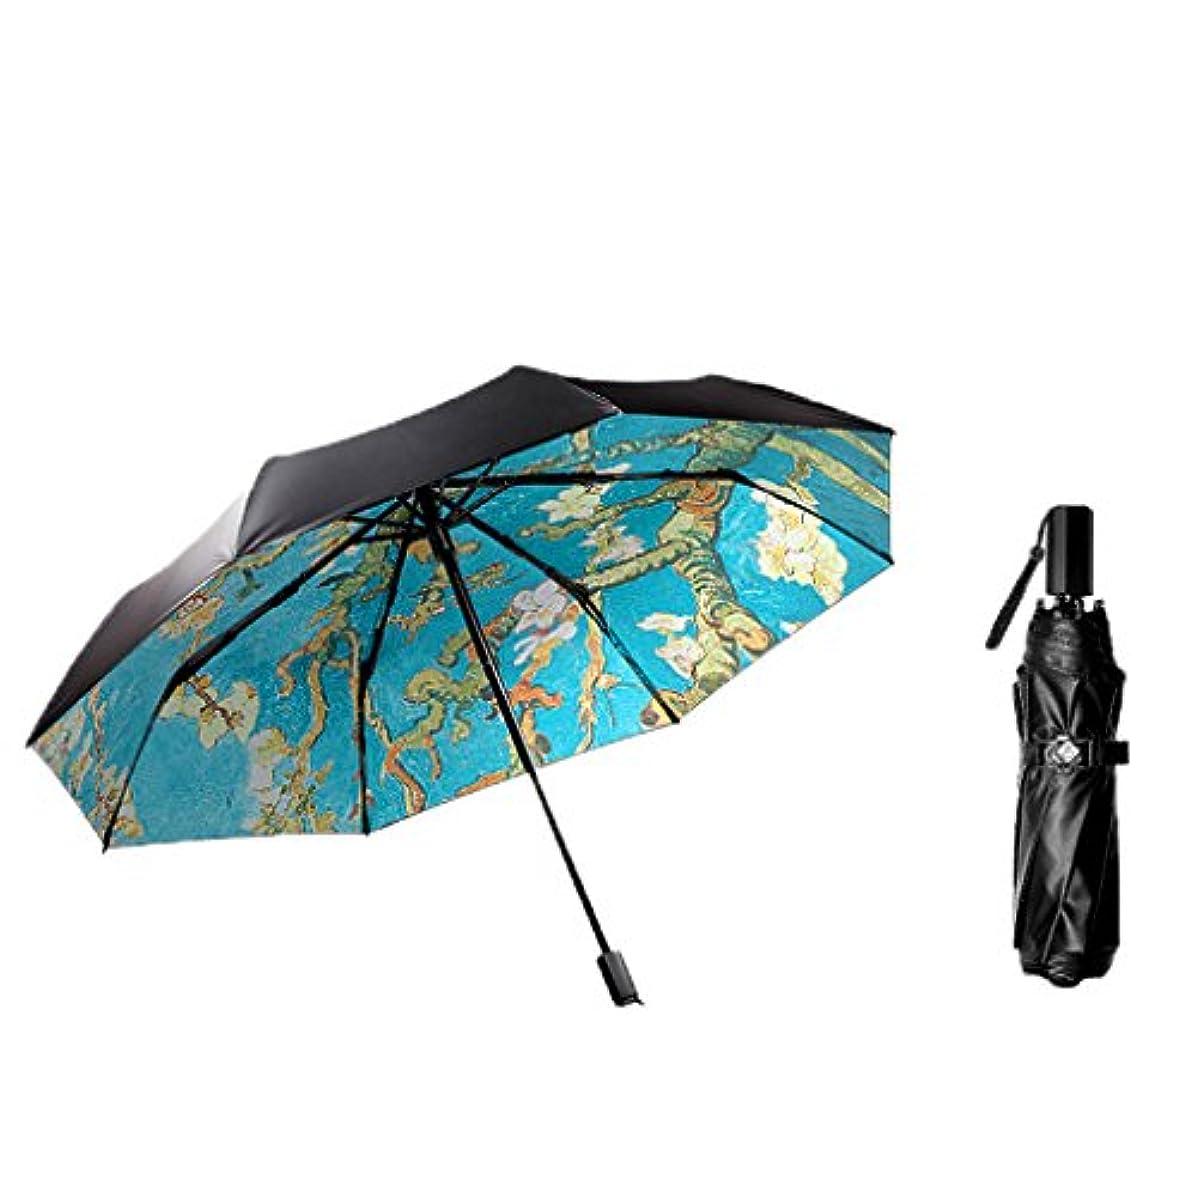 姿を消すビデオ生産性Umbrella Sun Protection UV折り畳み式超軽量ミニポケット傘